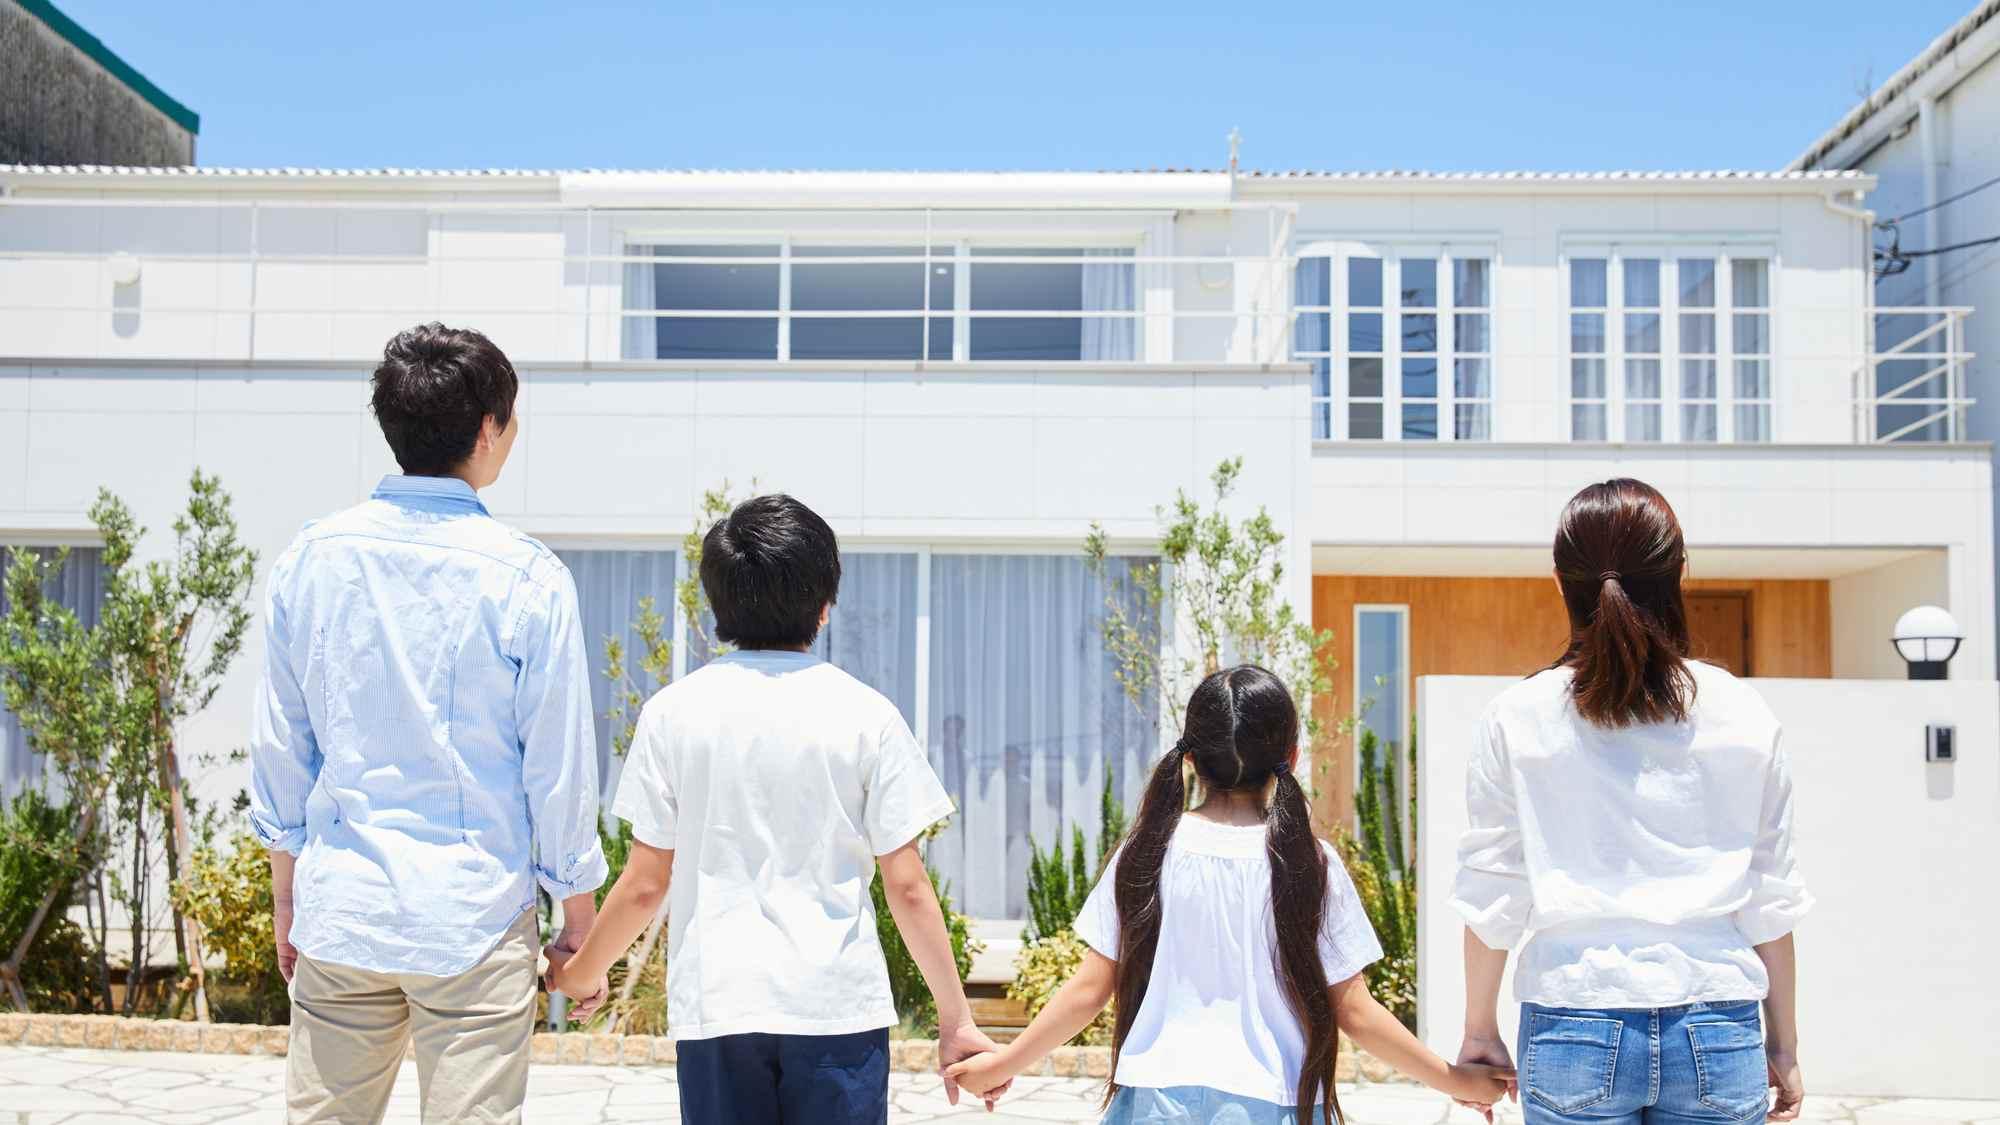 人生最大の借金「住宅ローン」頼りない不動産業者に頼むと…?